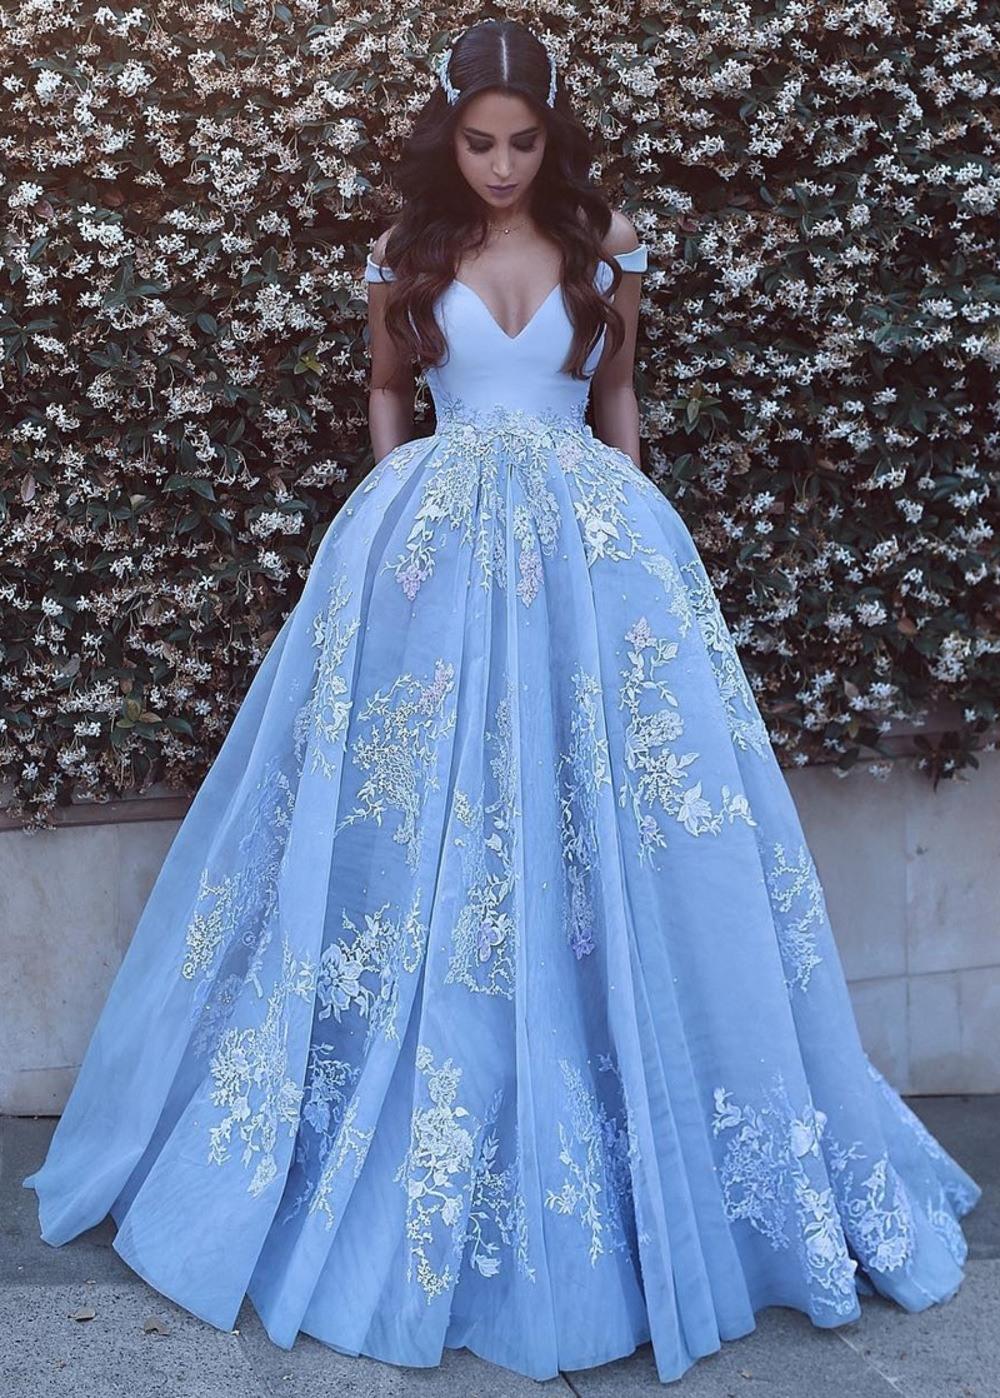 Abend Kreativ Wunderschöne Abendkleider Design15 Coolste Wunderschöne Abendkleider Stylish